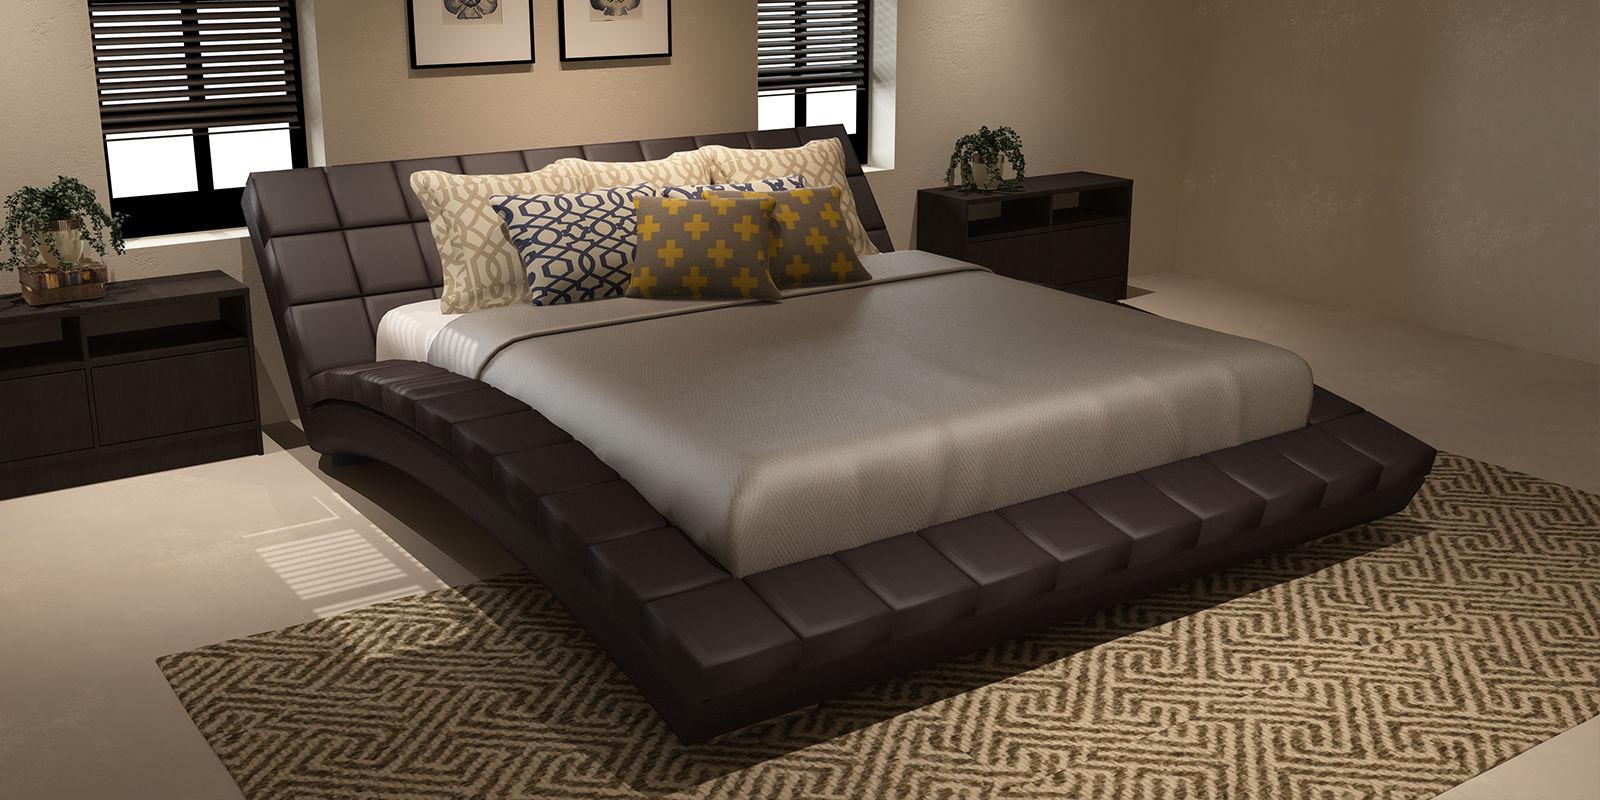 Купить Мягкая кровать 200х160 Оливия с ортопедическим основанием (Luxe коричневый), HomeMe, Коричневый